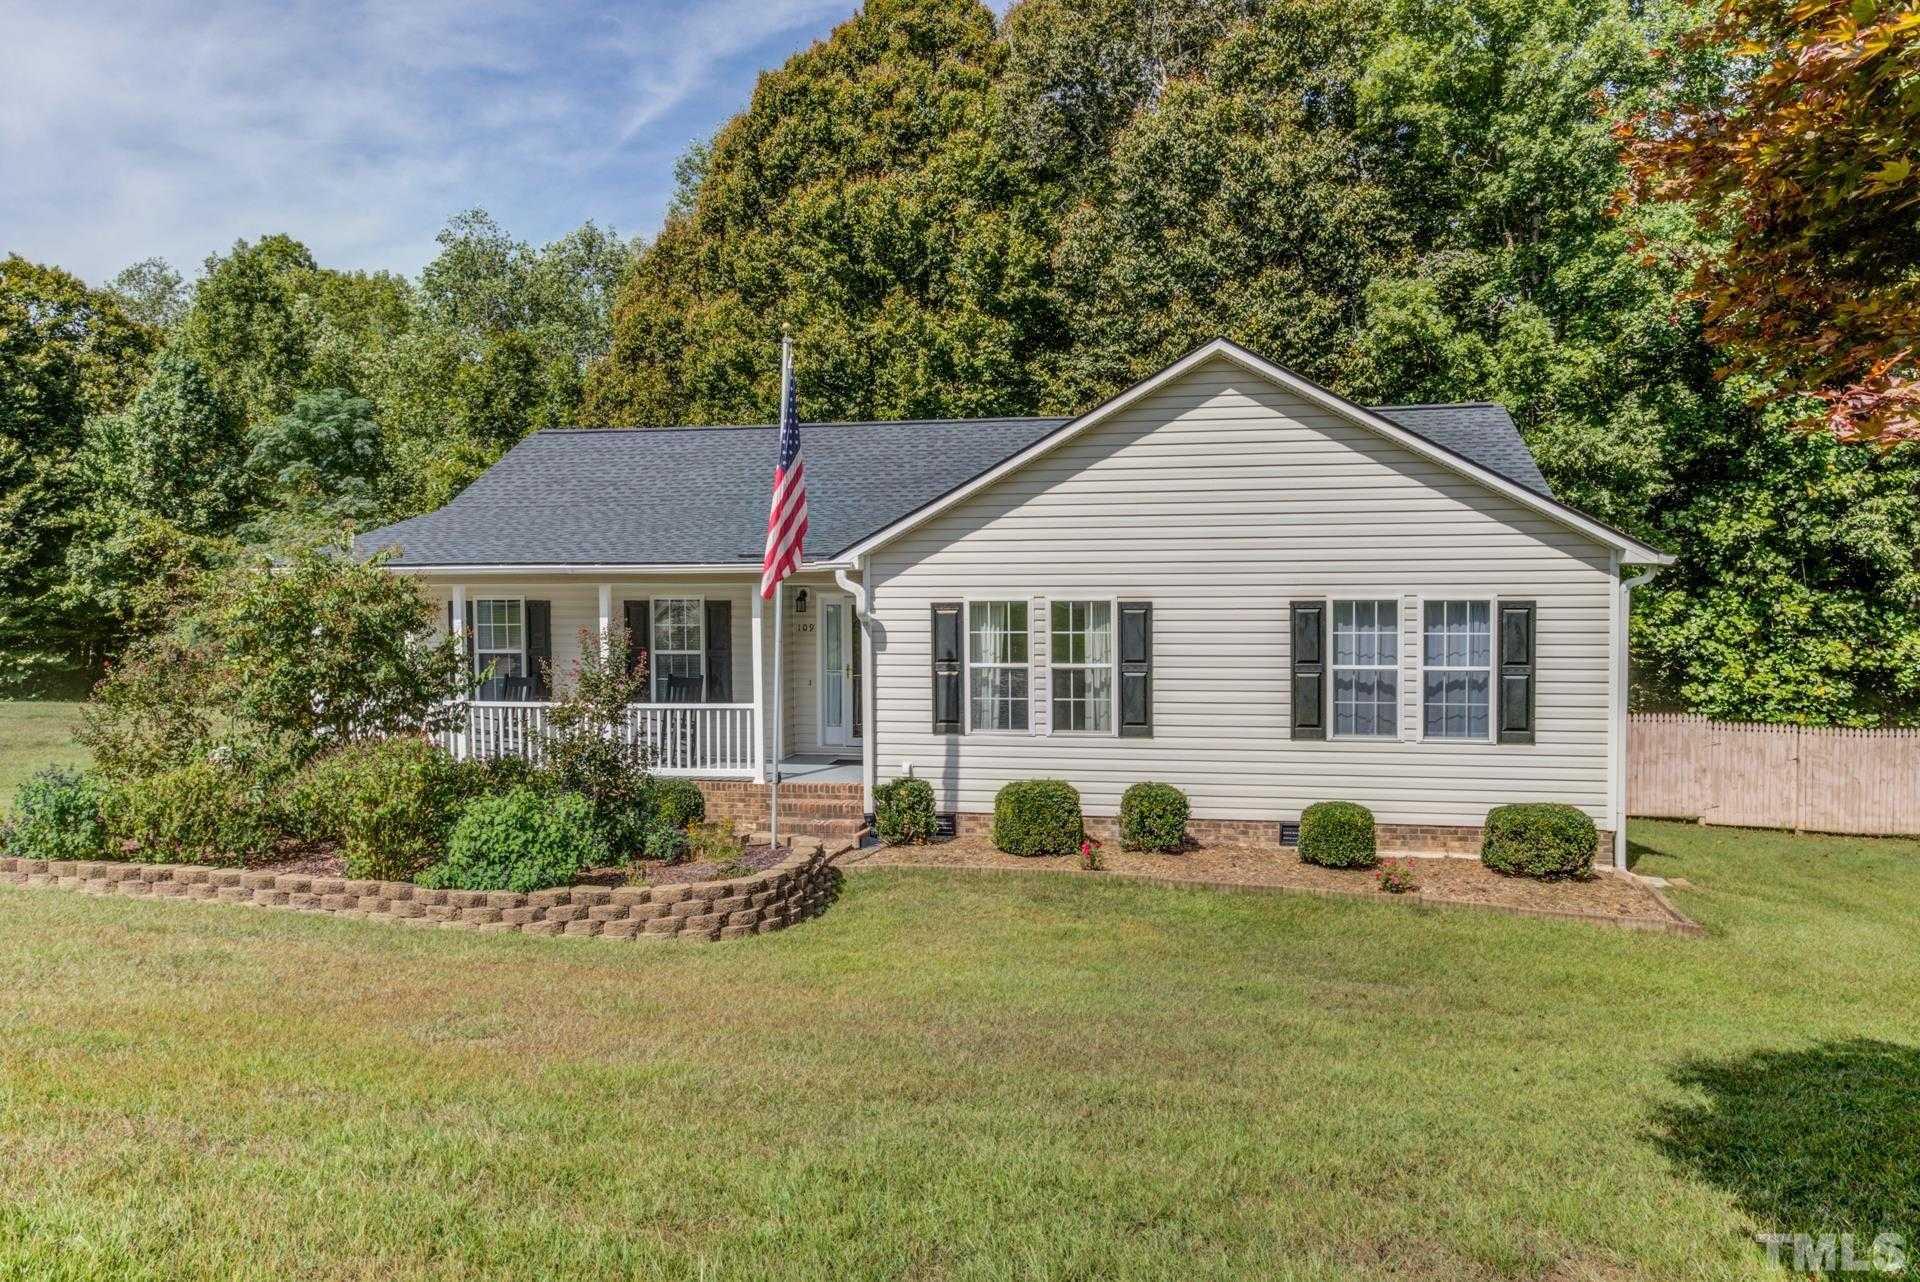 $269,900 - 3Br/2Ba -  for Sale in South Hills, Garner